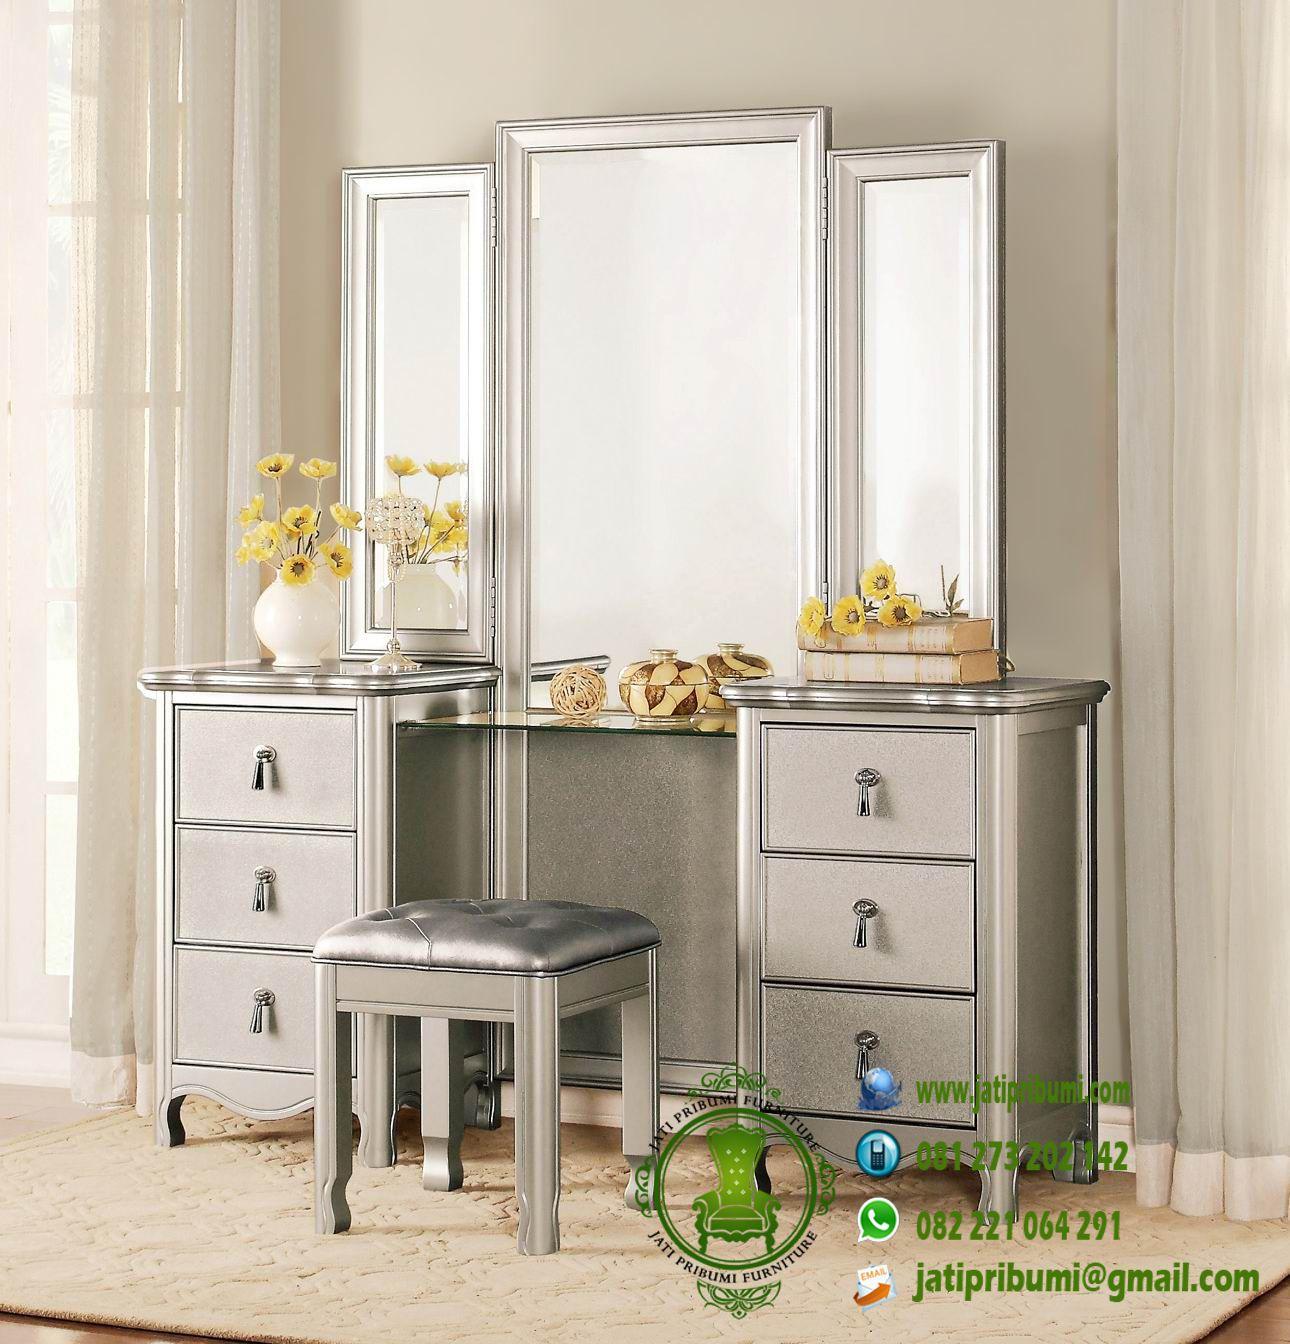 meja rias set tempat tidur minimalis warna silver model terbaru harga murah berkualitas